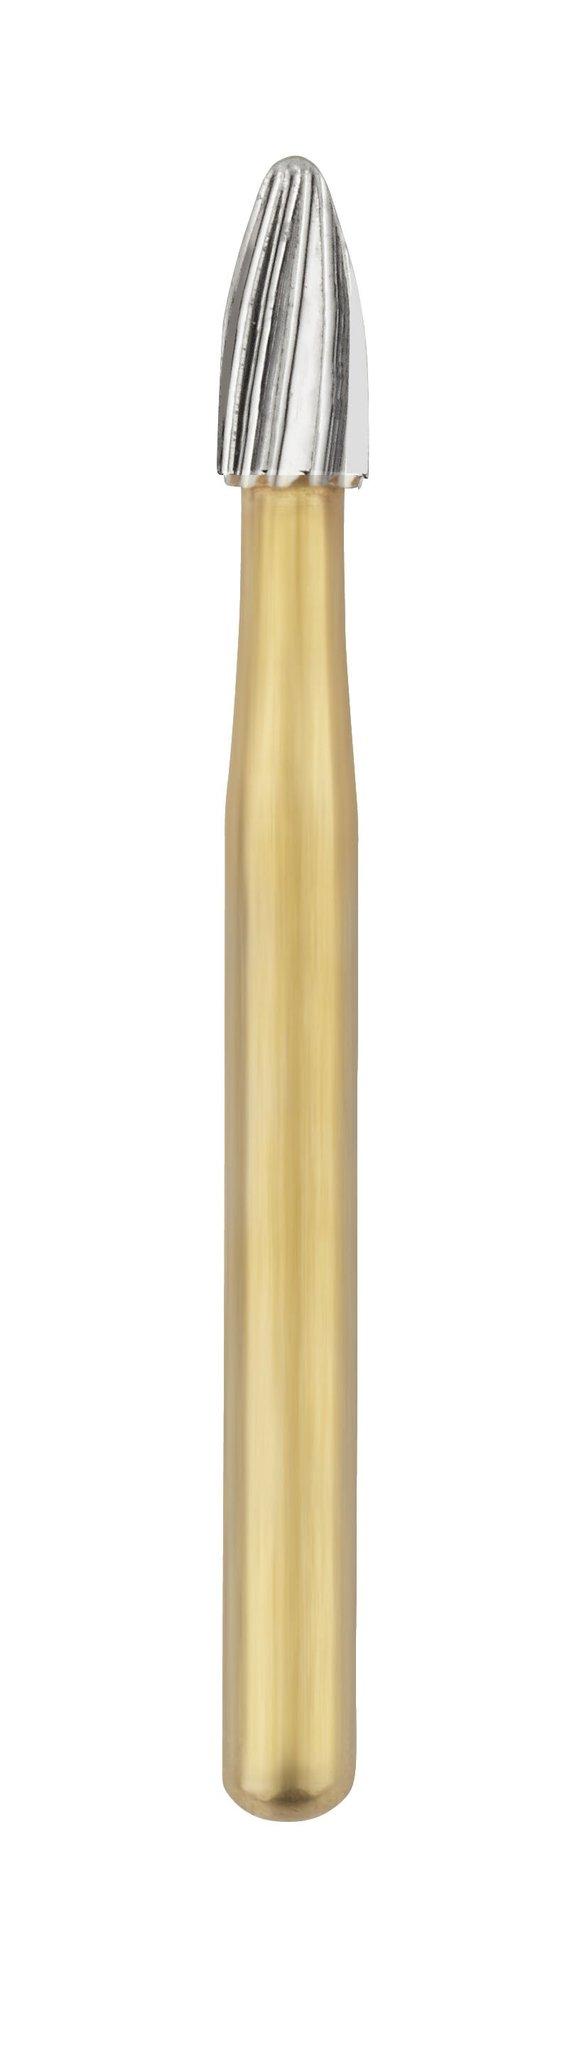 изображение Боры финиры 12 граней SWHITE серии FG 7406